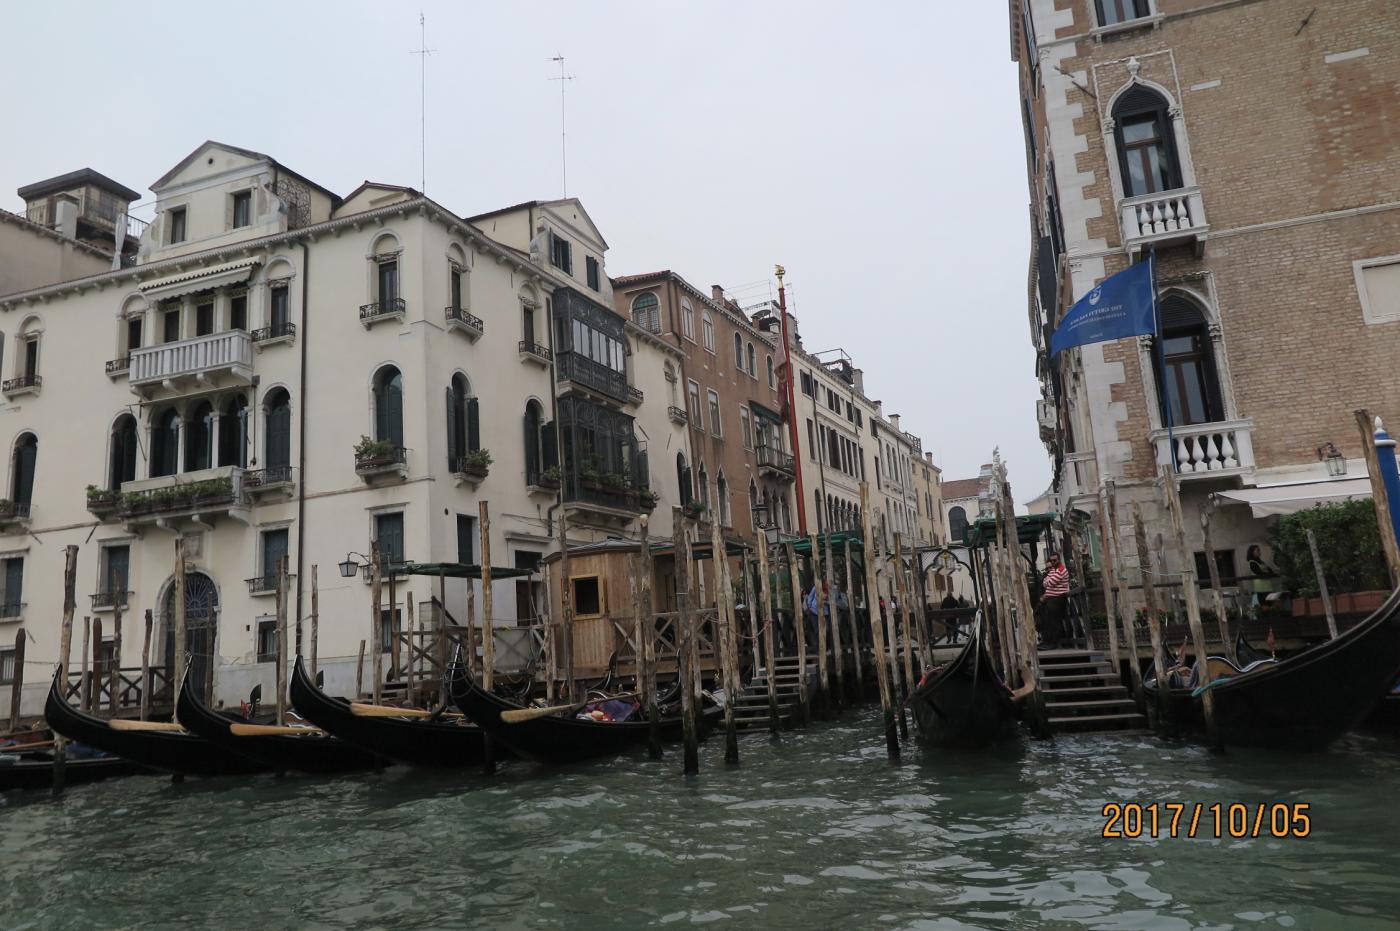 水乡威尼斯:无限的魅力永久的回忆_图1-44